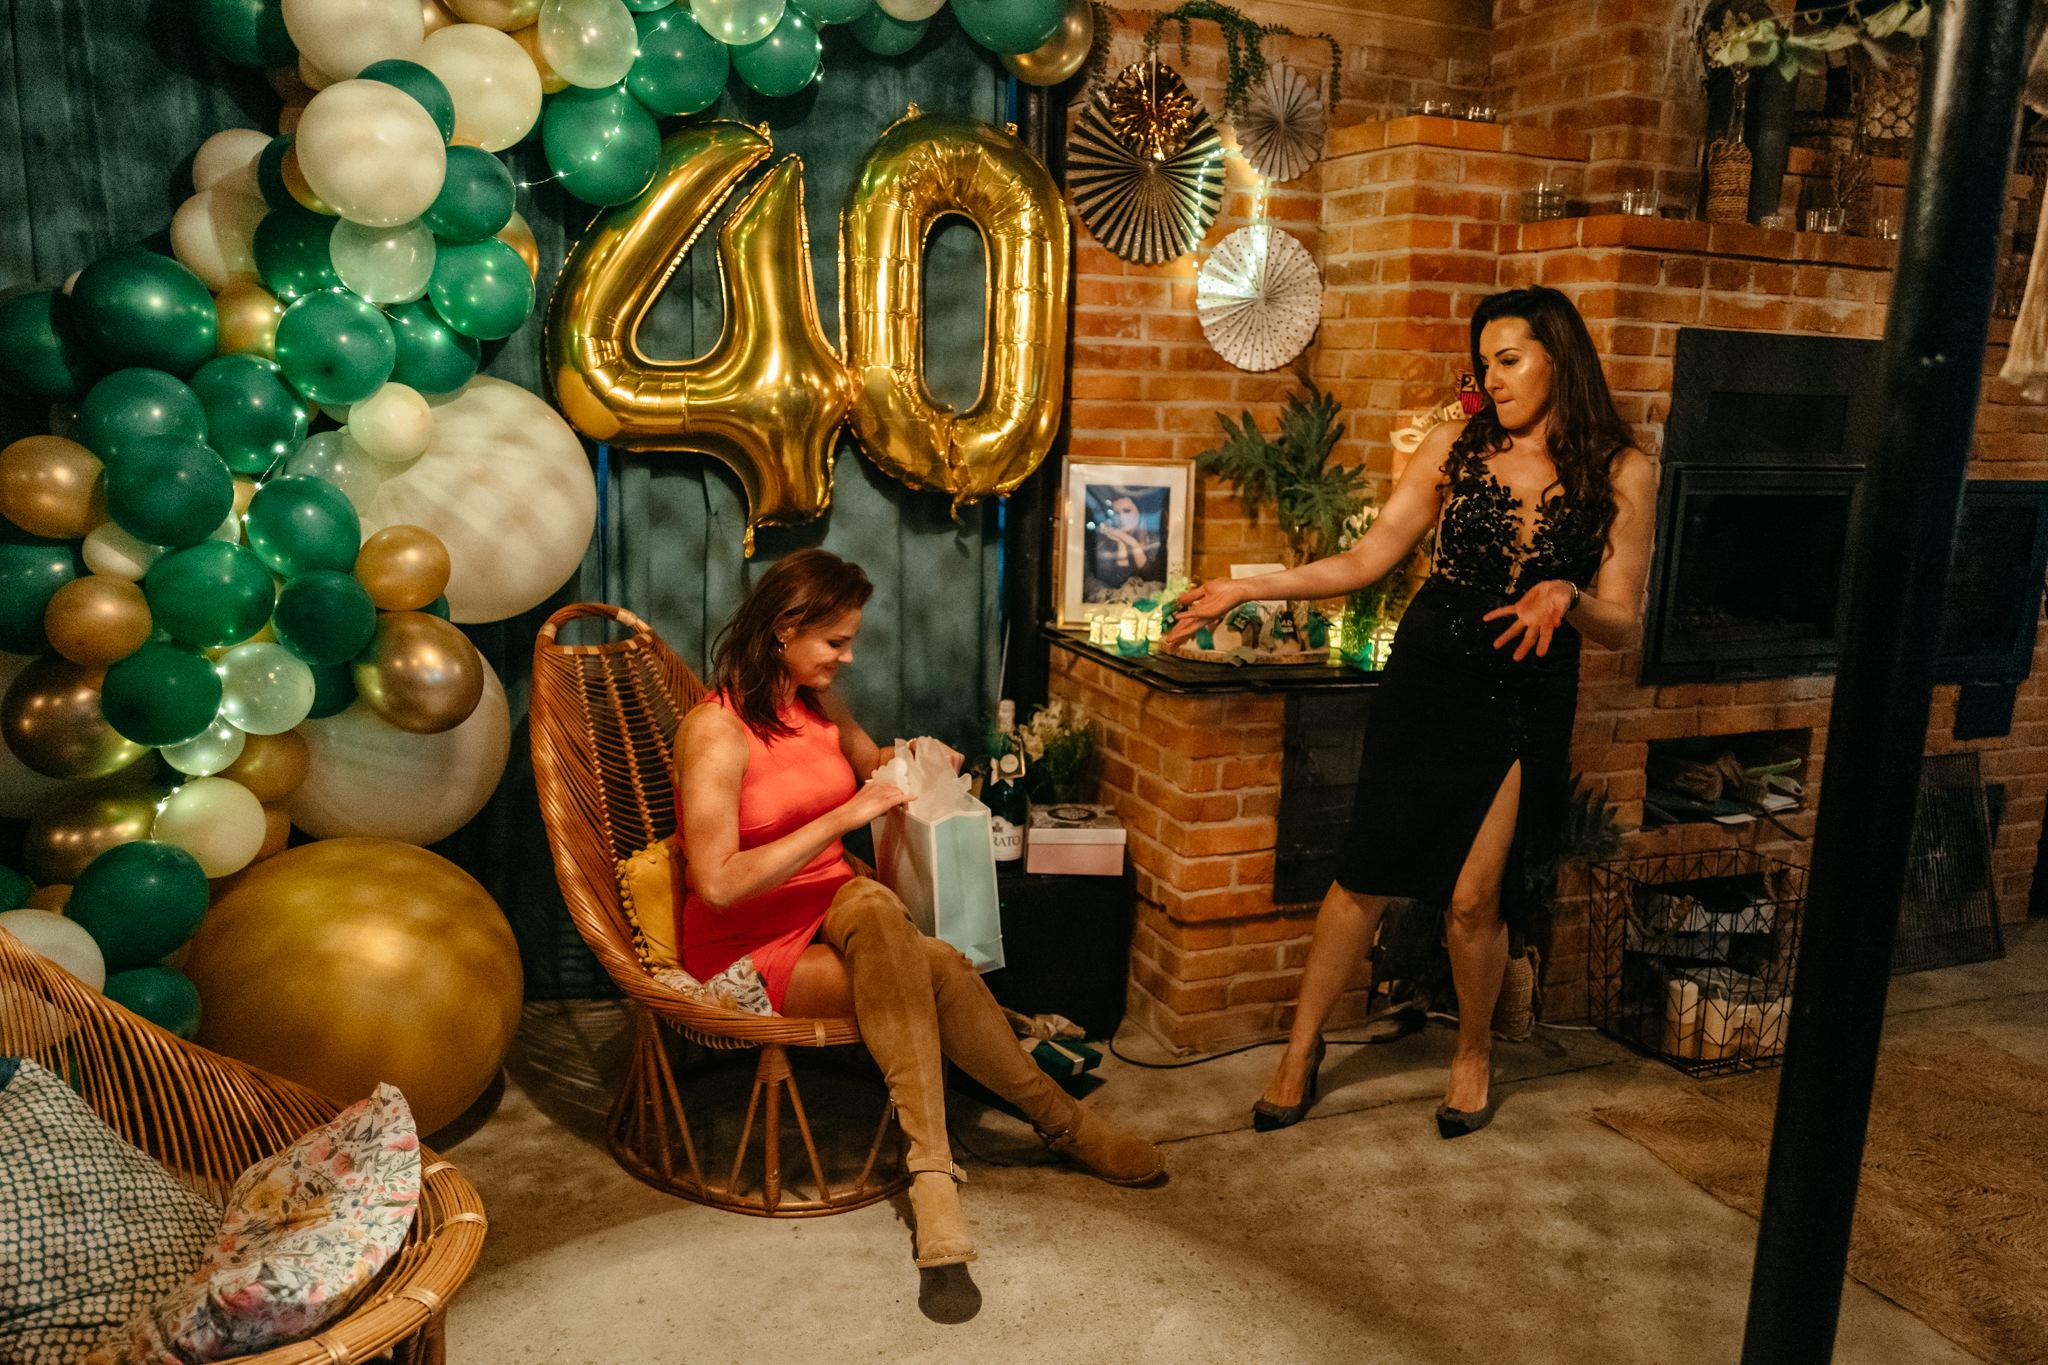 Fotograf na urodziny - czy to ma sens? 20